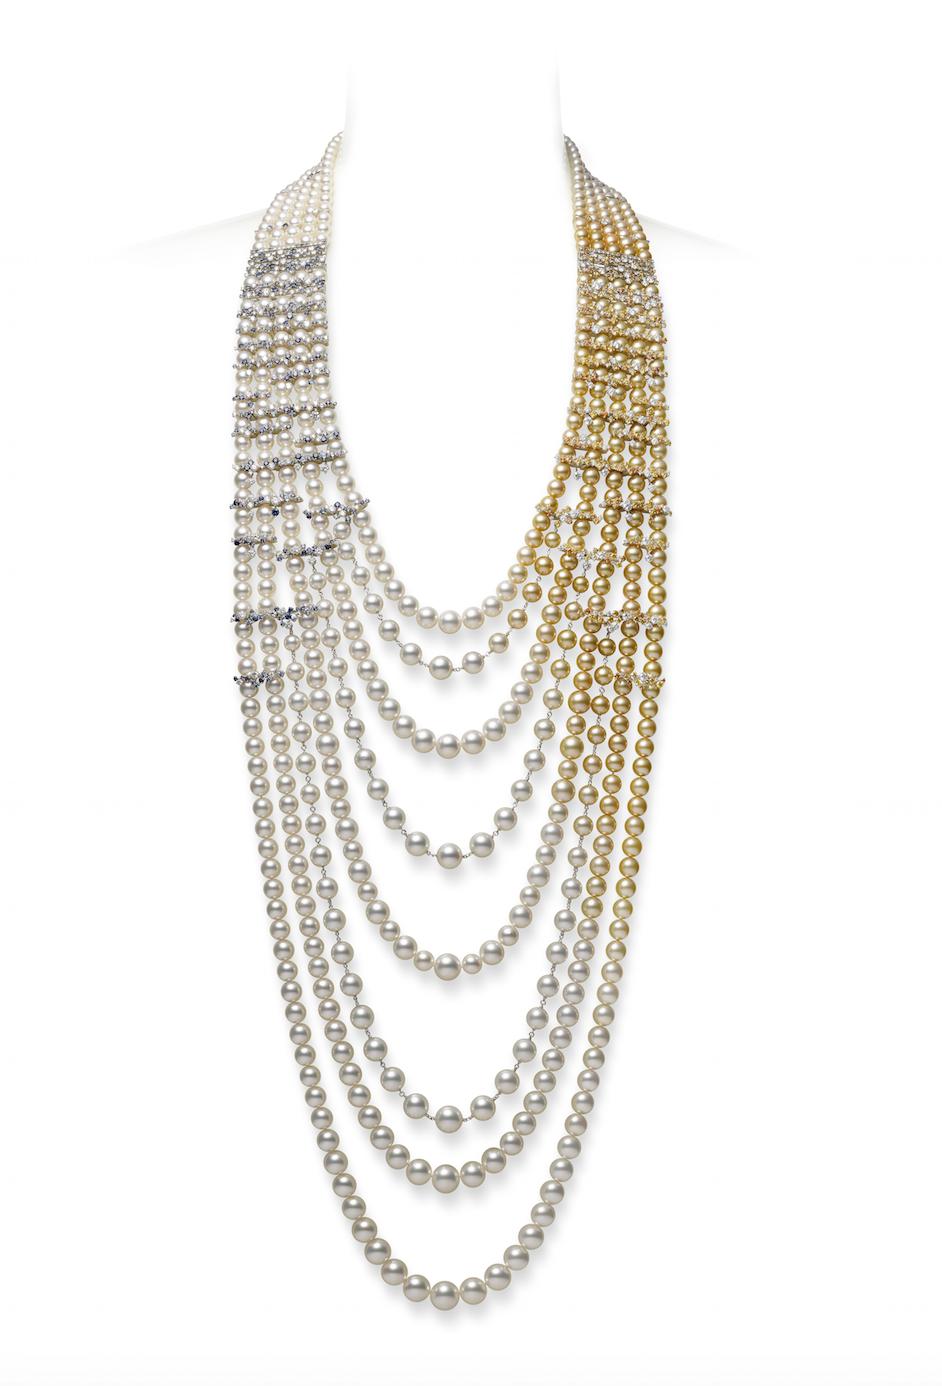 米倉涼子穿戴MIKIMOTO Praise to Nature頂級珠寶系列《海洋》鑽石真珠串鍊,台幣約23,340,000元